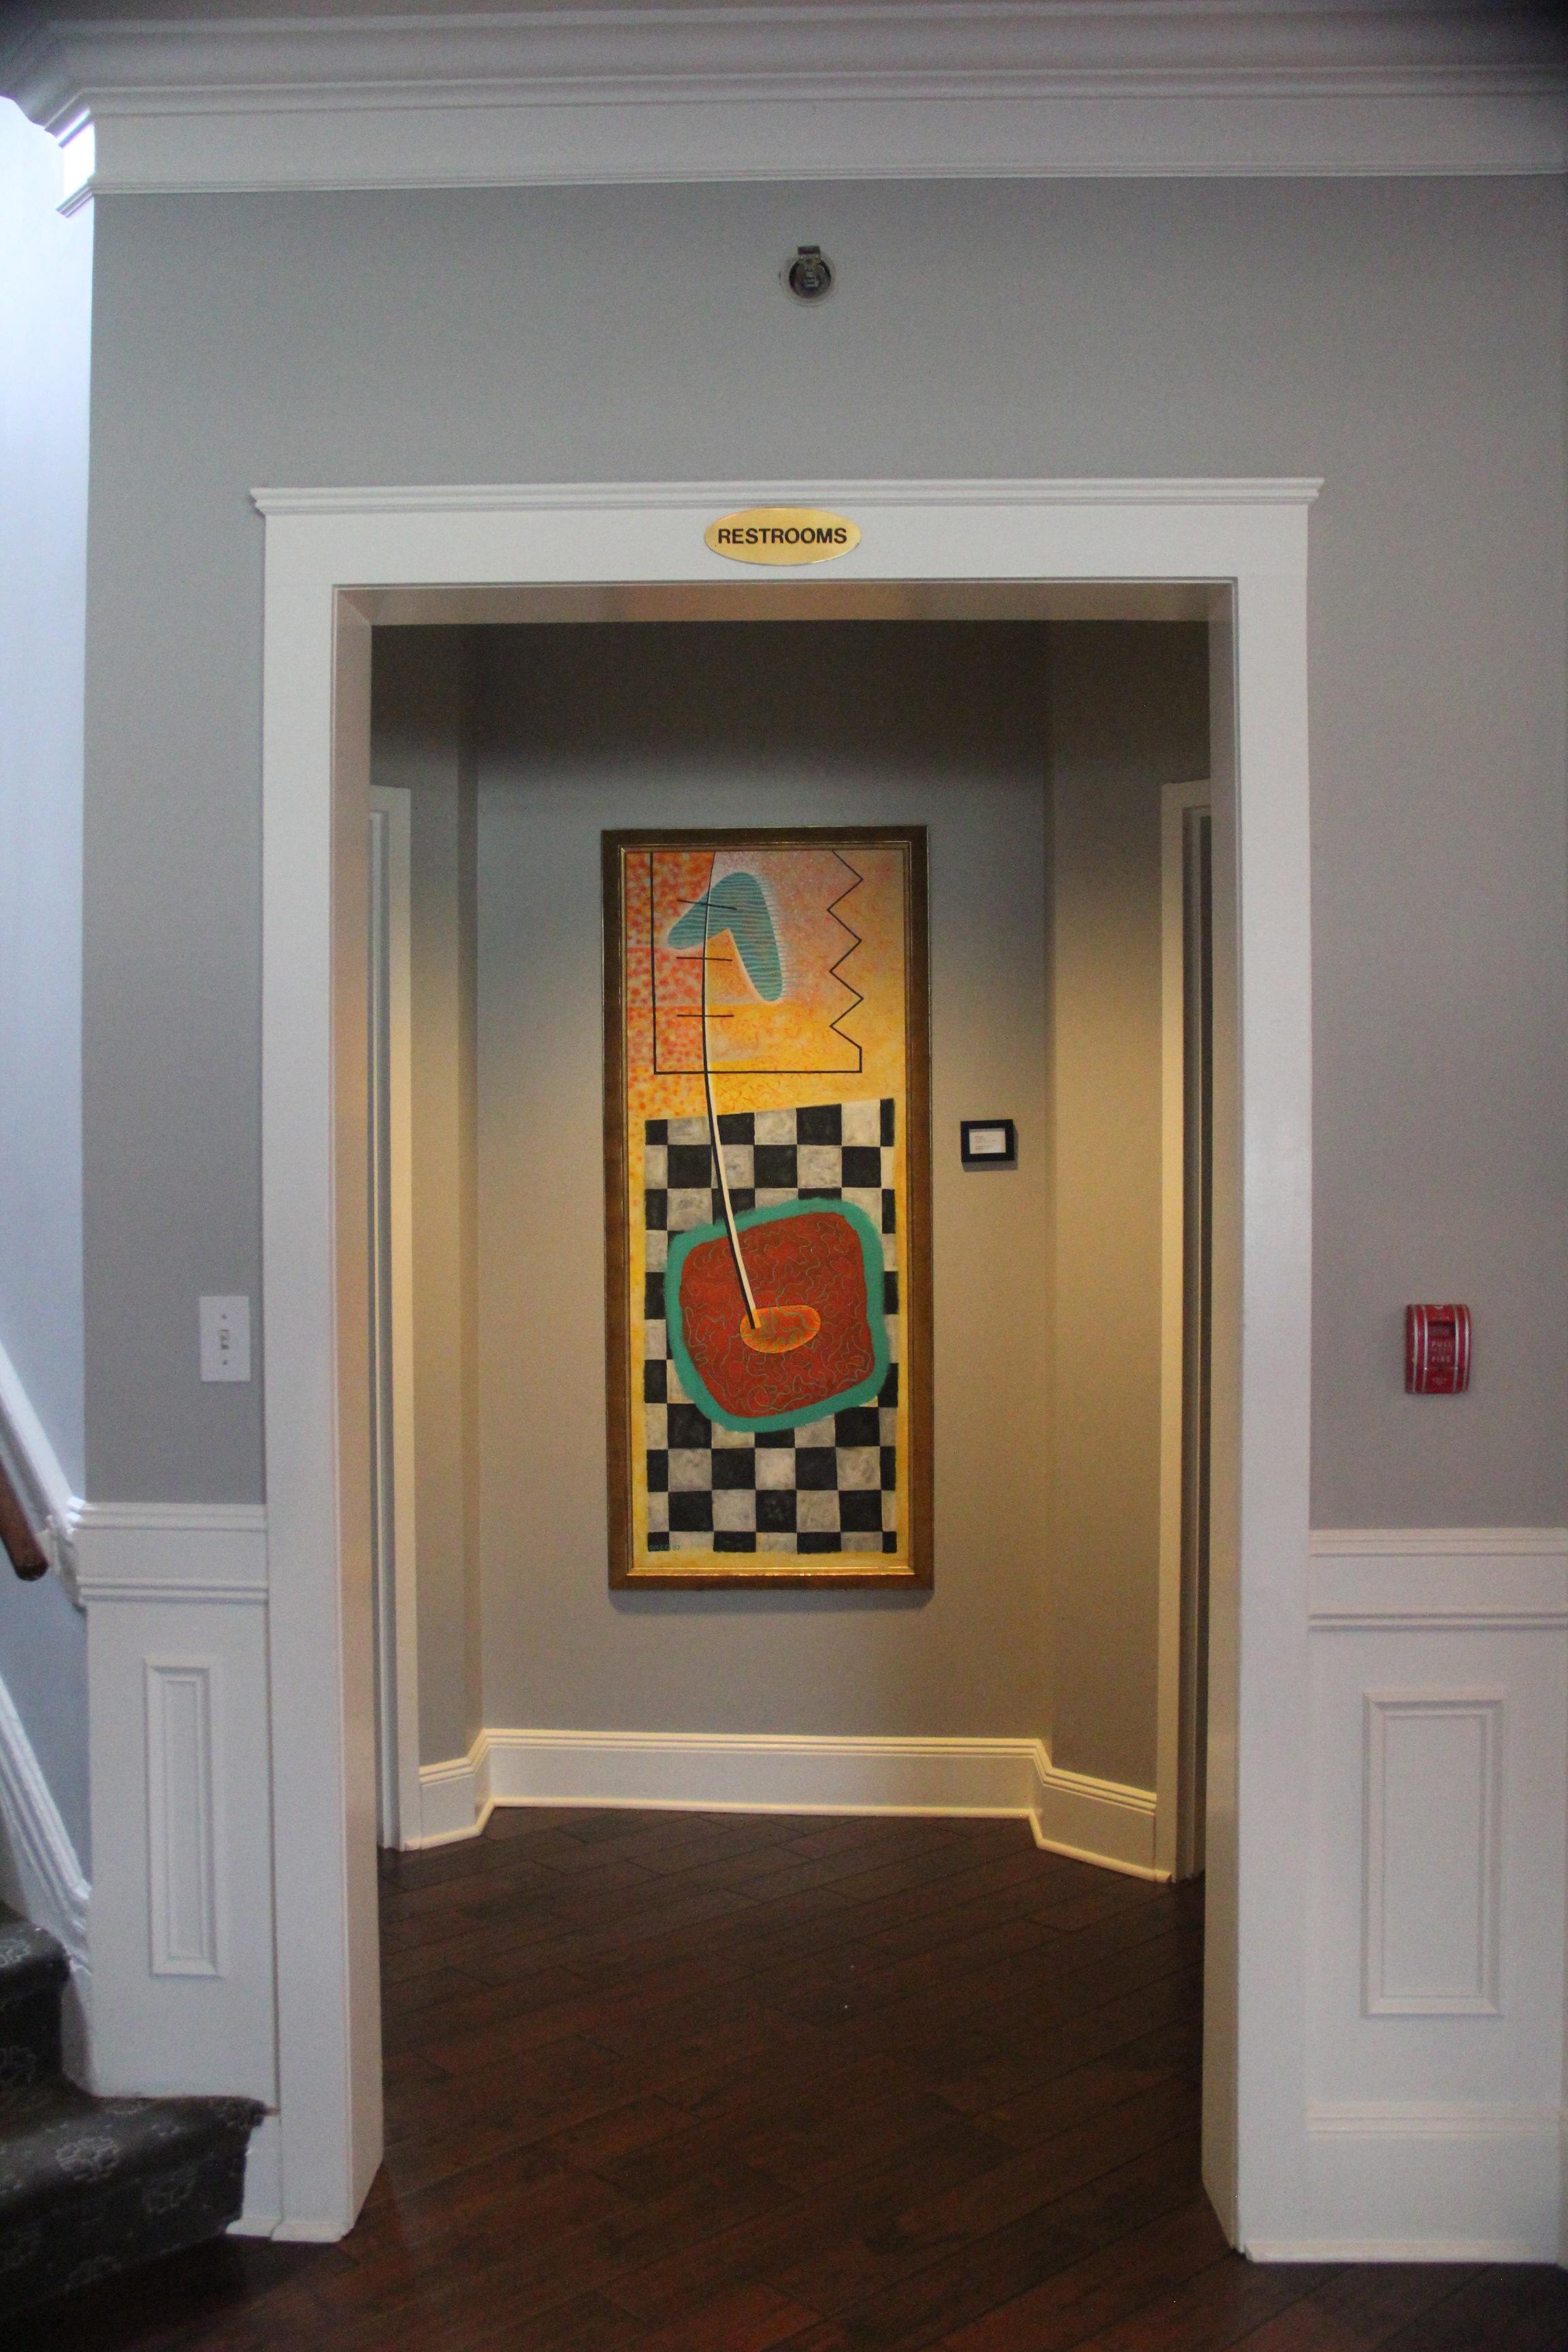 Country club foyer